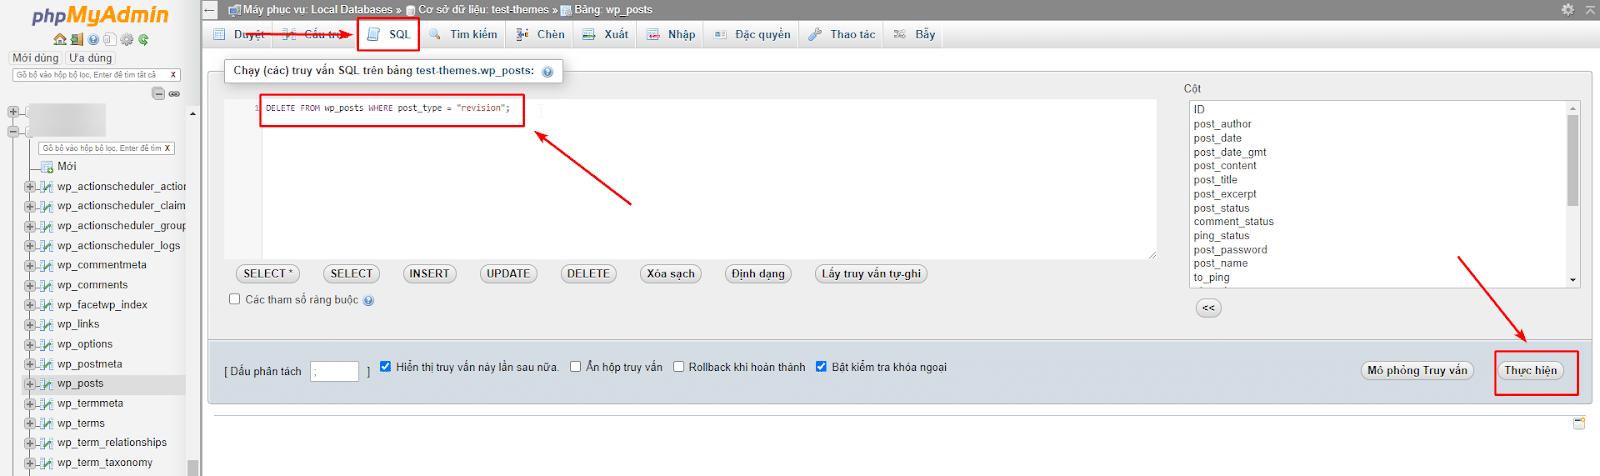 نحوه حذف رونوشت های پست با کد